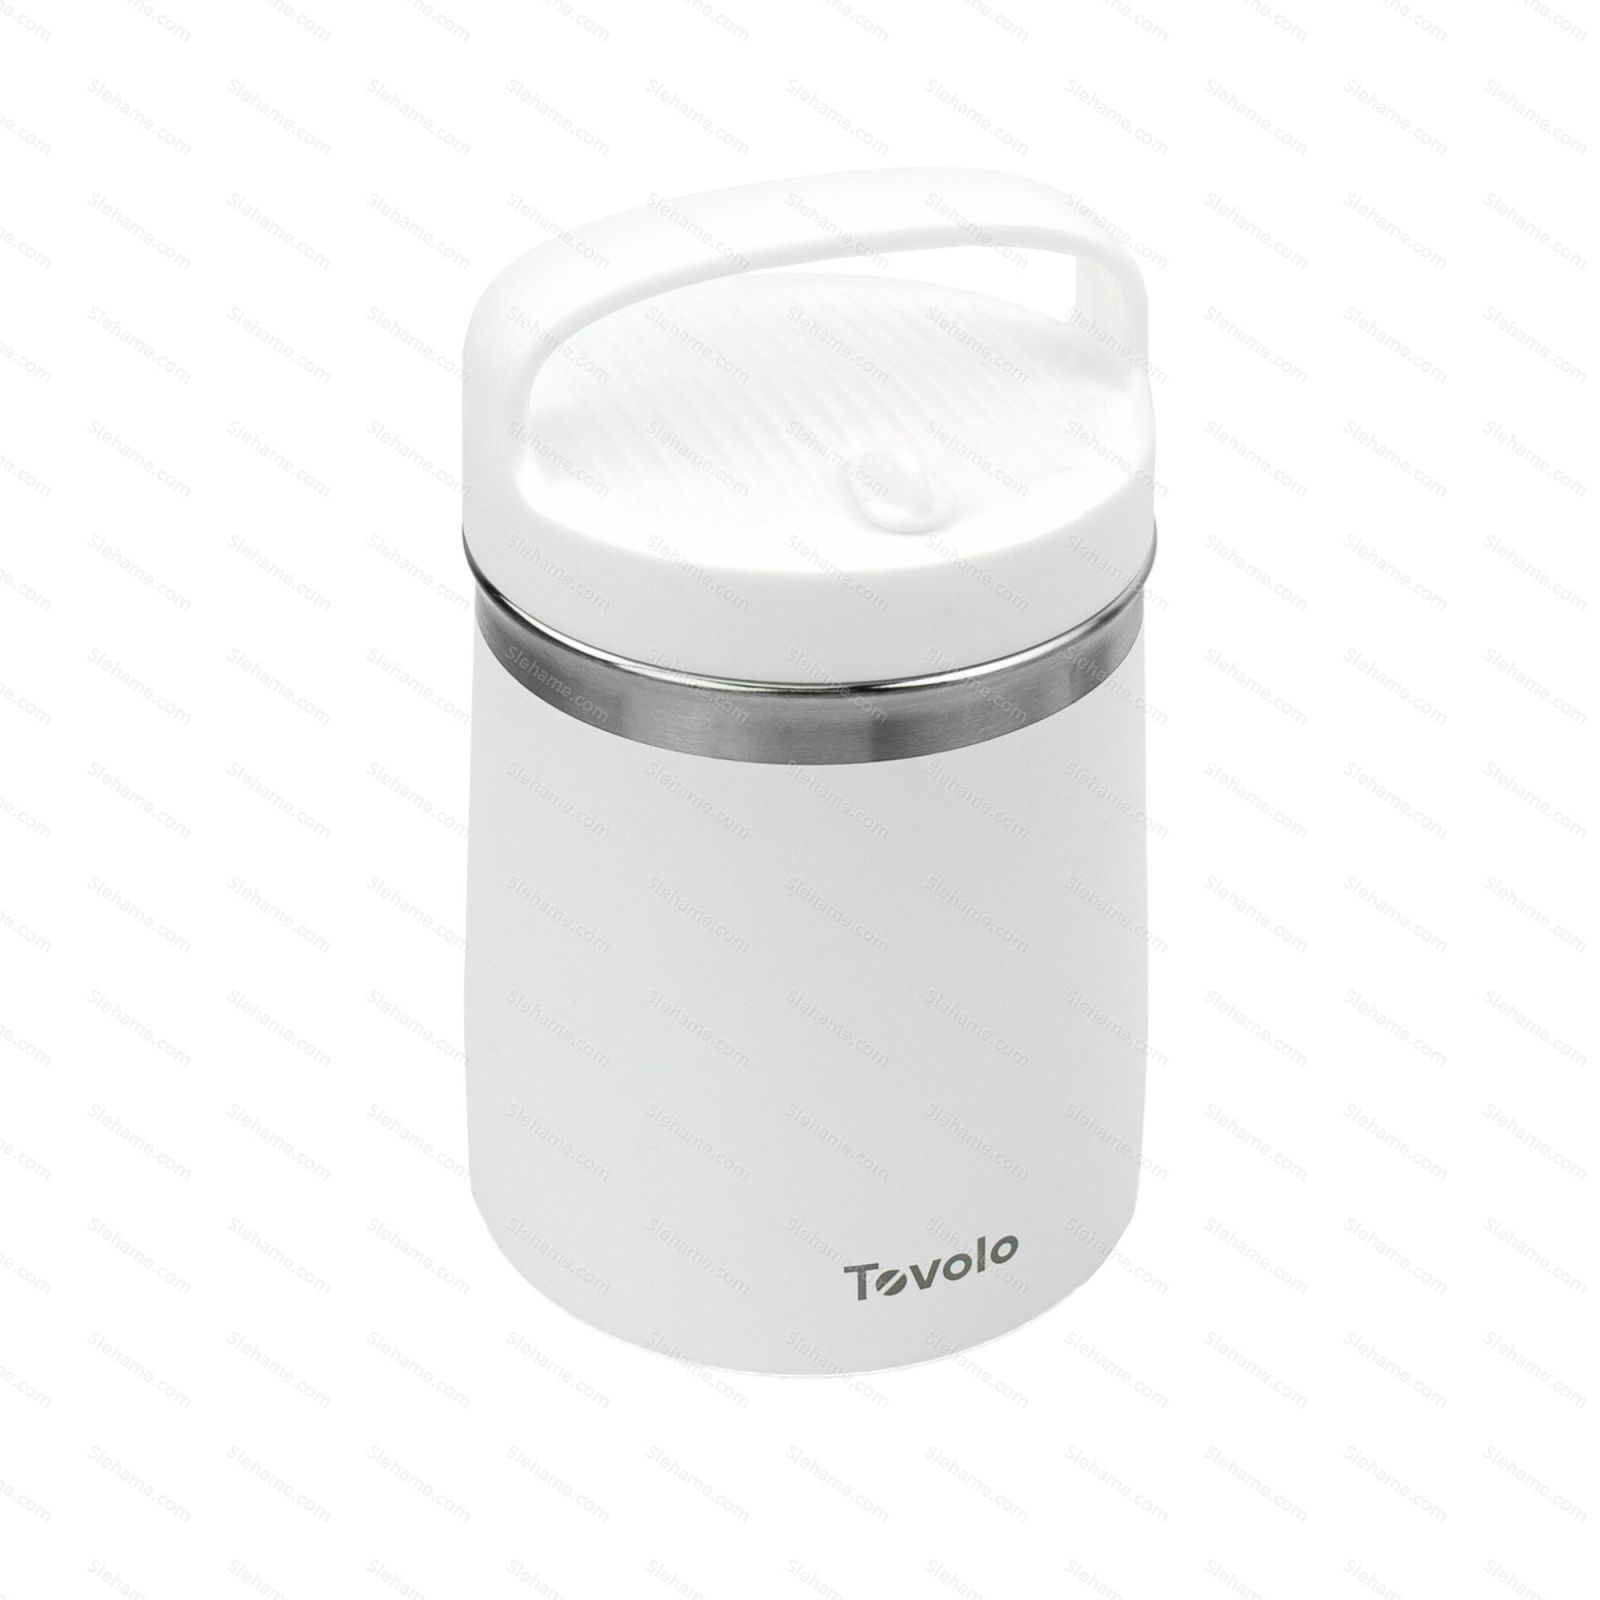 Termoska na zmrzlinu Tovolo 1.7 l, bílá